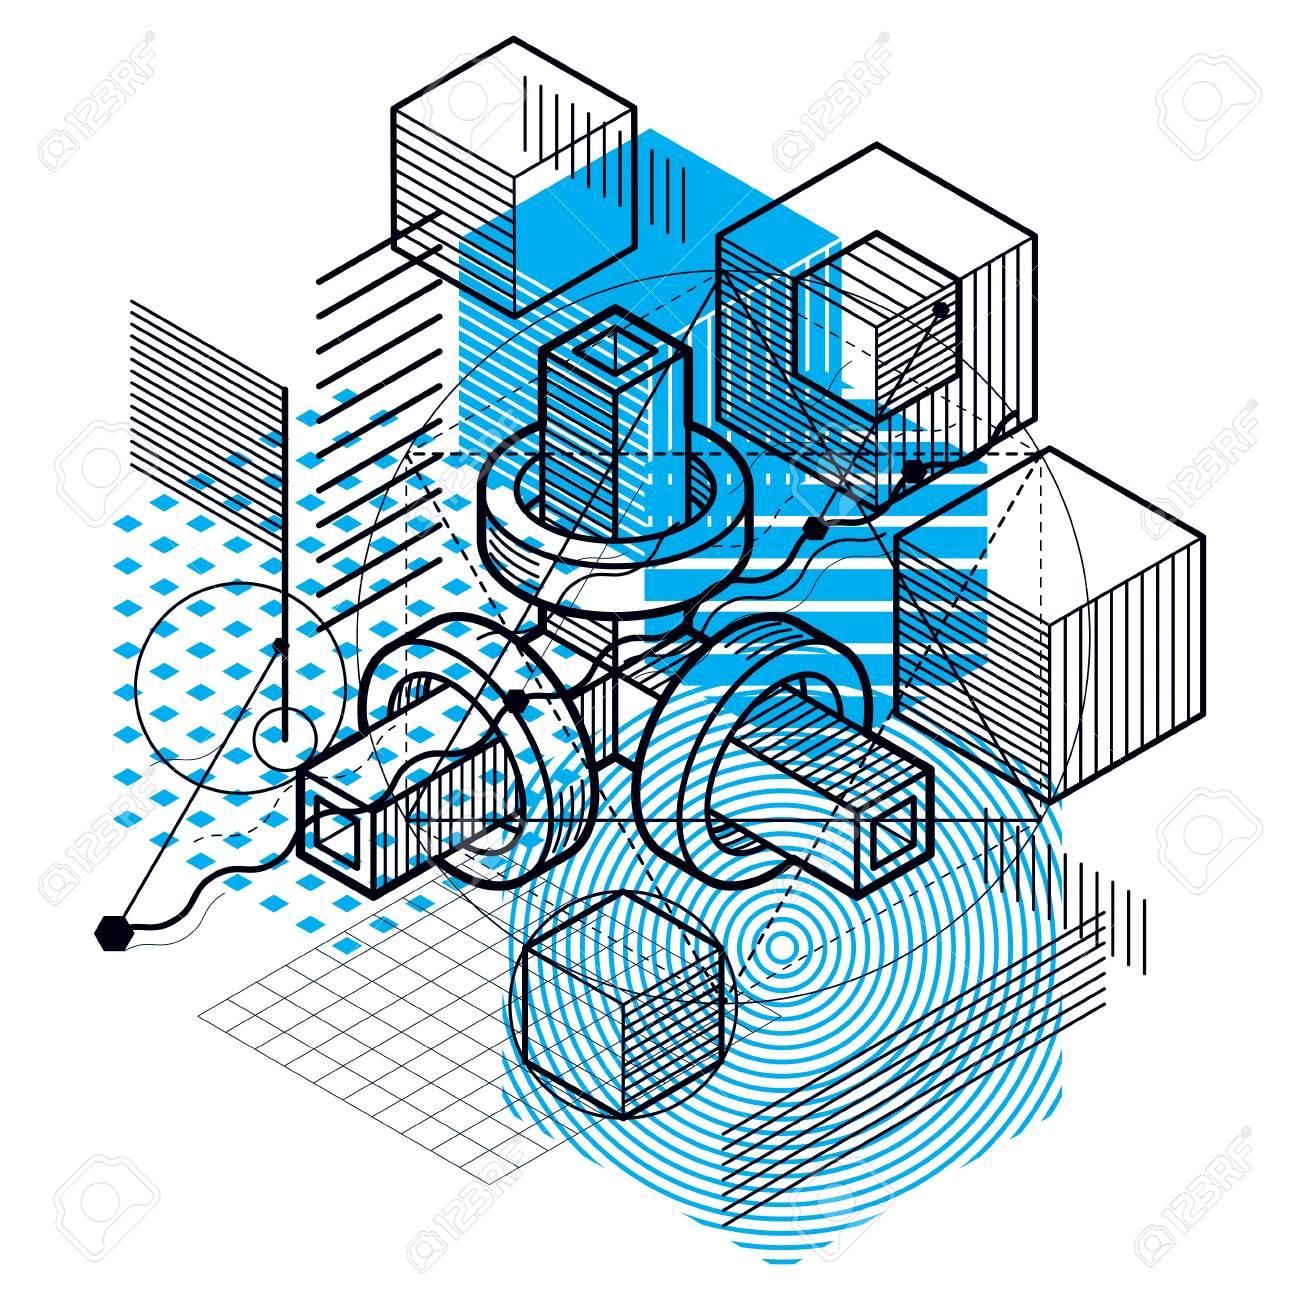 Zusammenfassung Hintergrund Mit Isometrischen Linien, Vektor ...